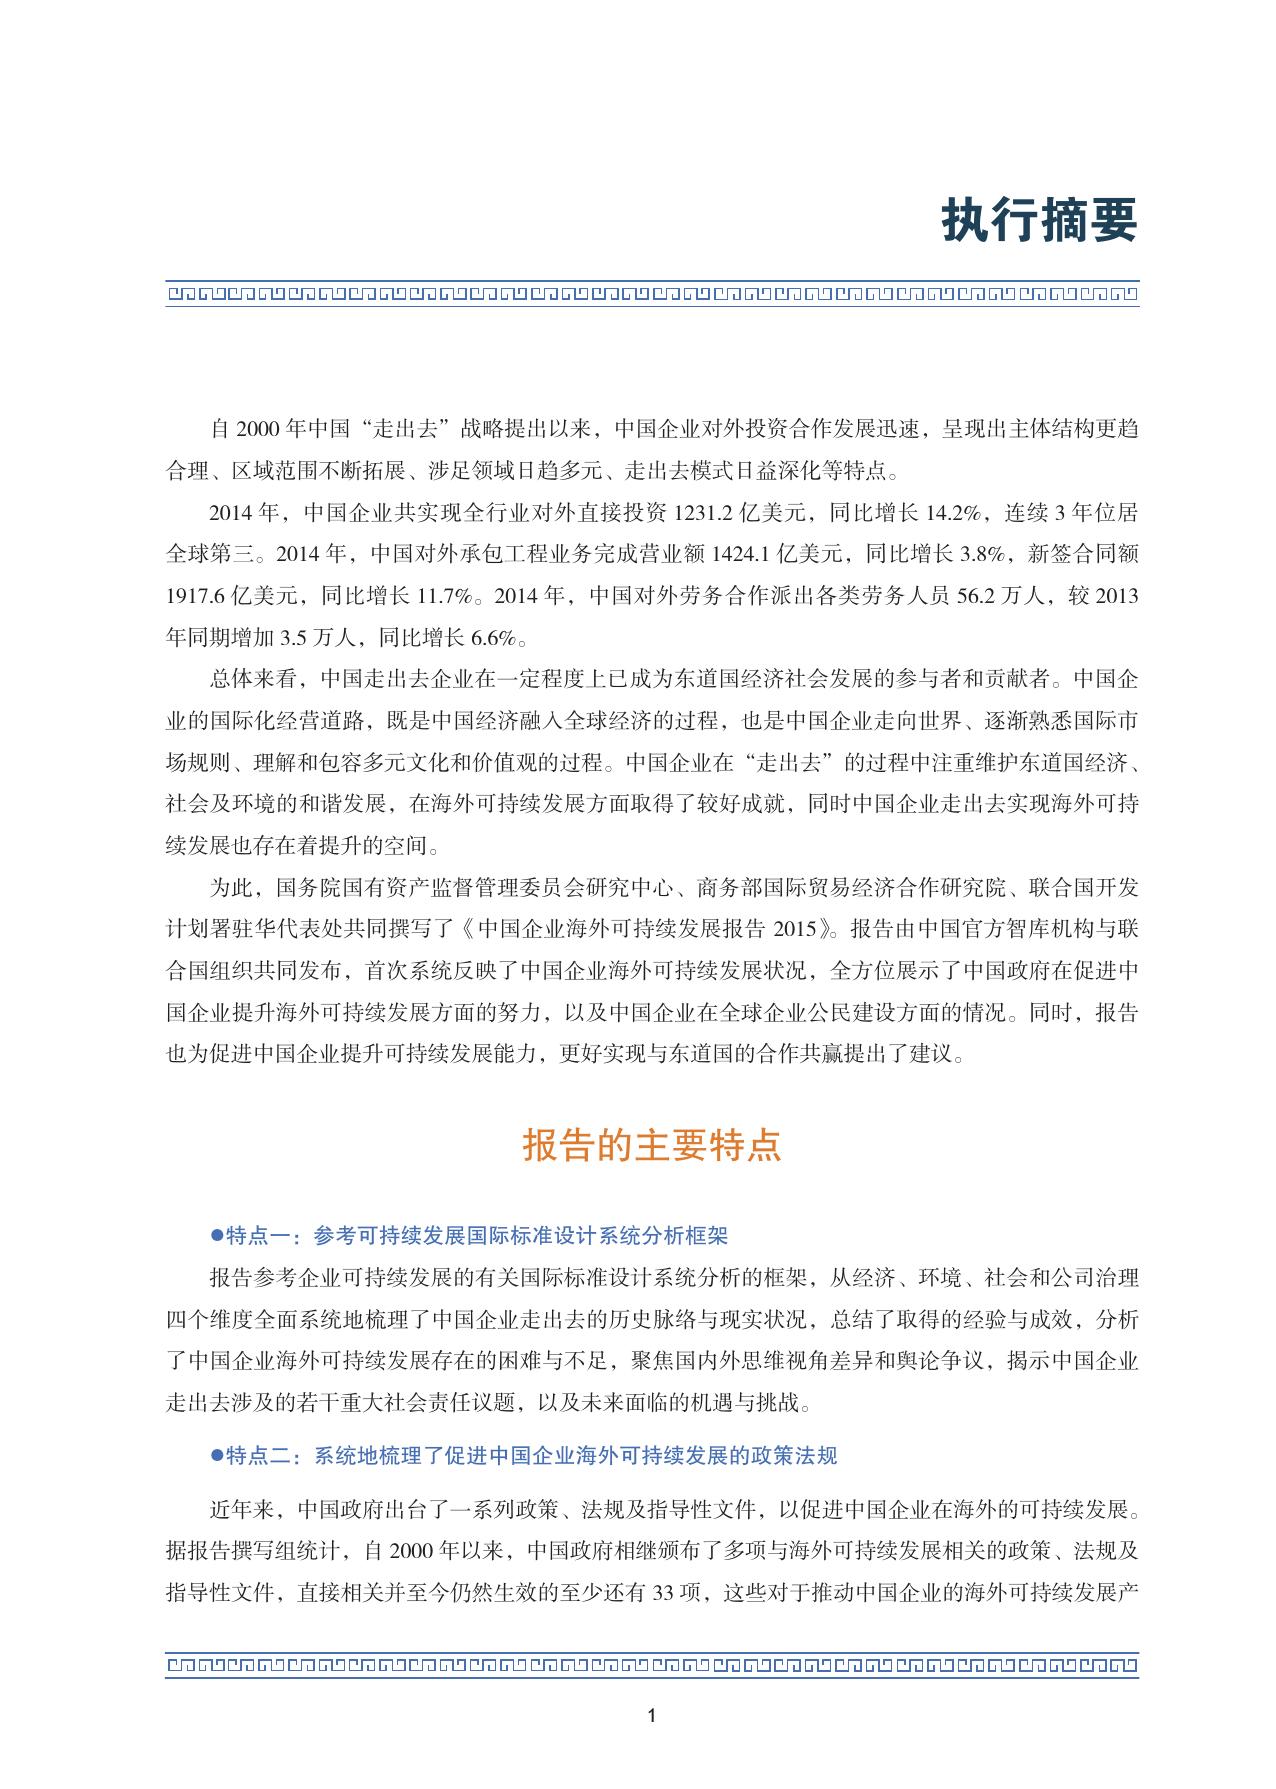 2015中国企业海外可持续发展报告_000004